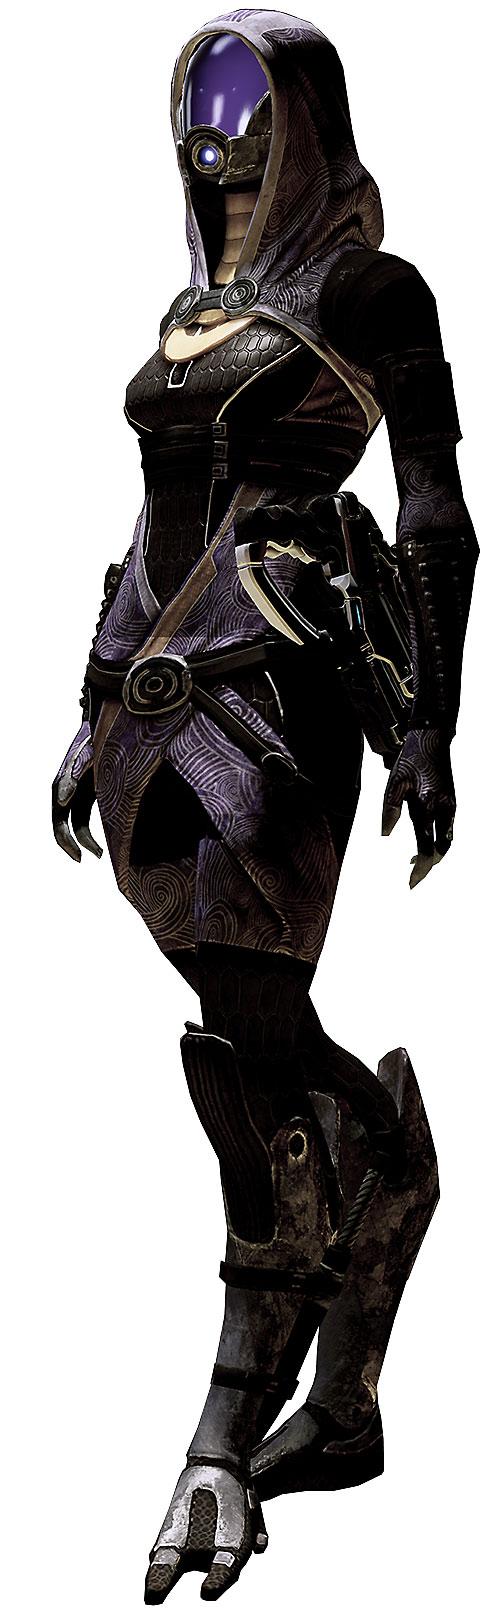 Tali'Zorah vas Normandy (Mass Effect) high resolution model